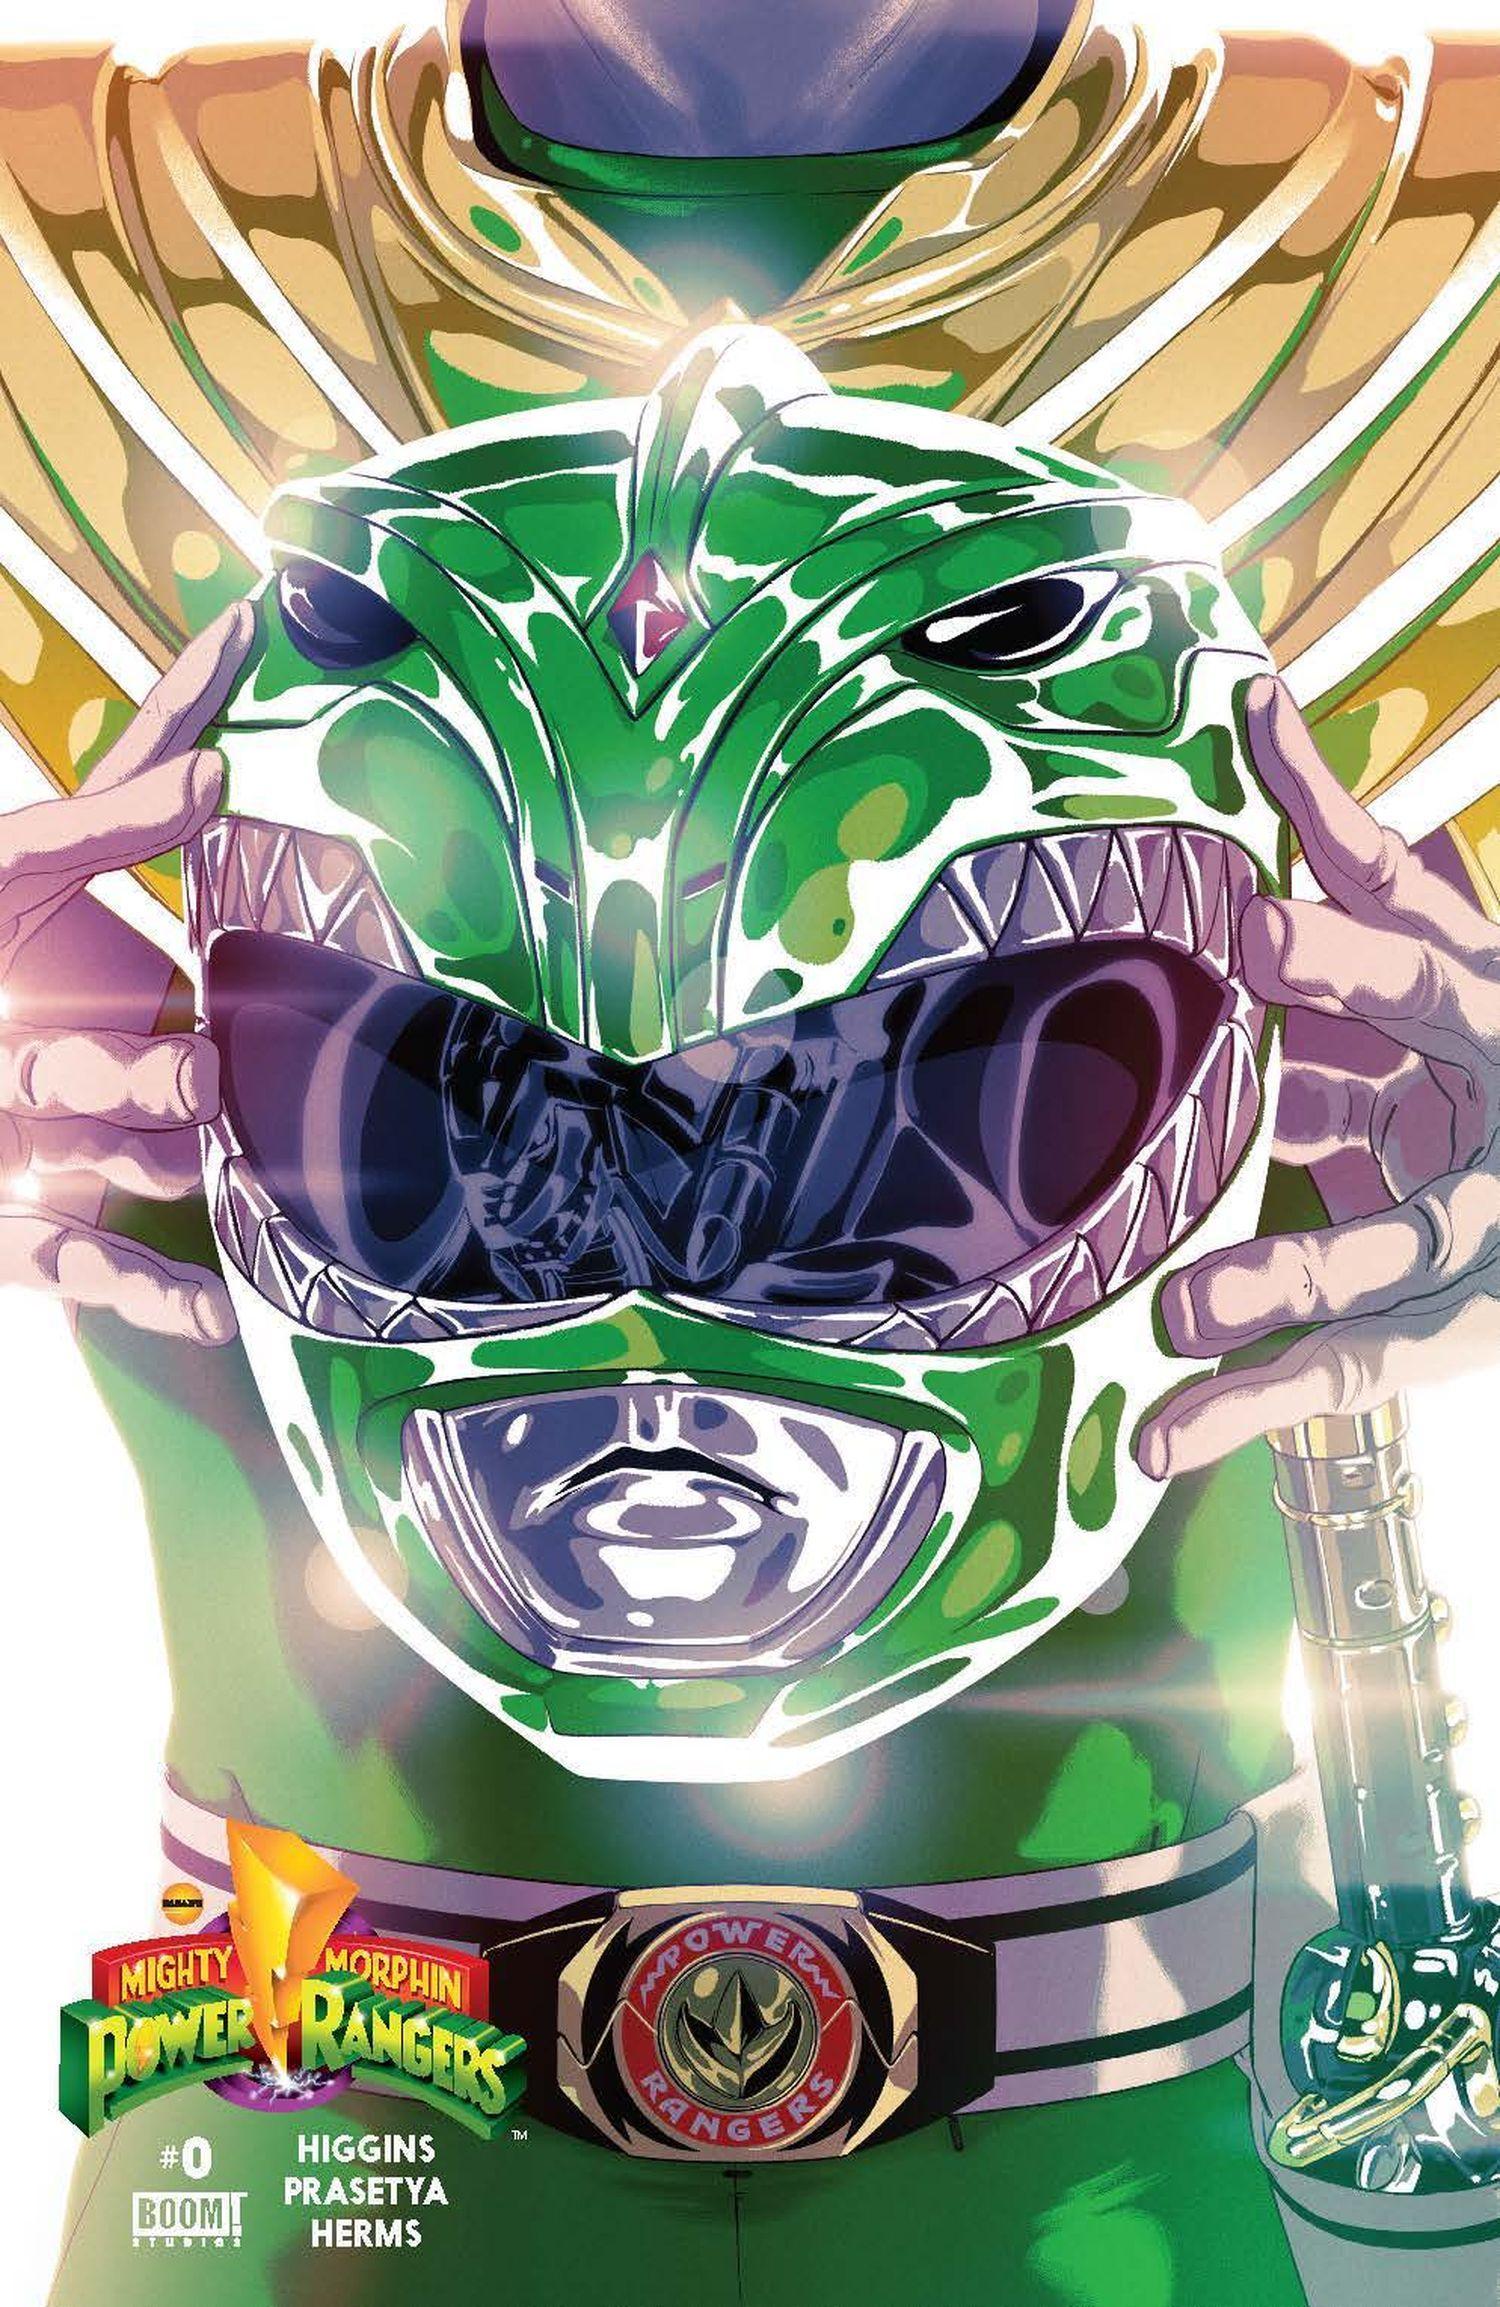 Cwejdpz Jpg 1500 2307 Power Ranger Verde Desenho Do Power